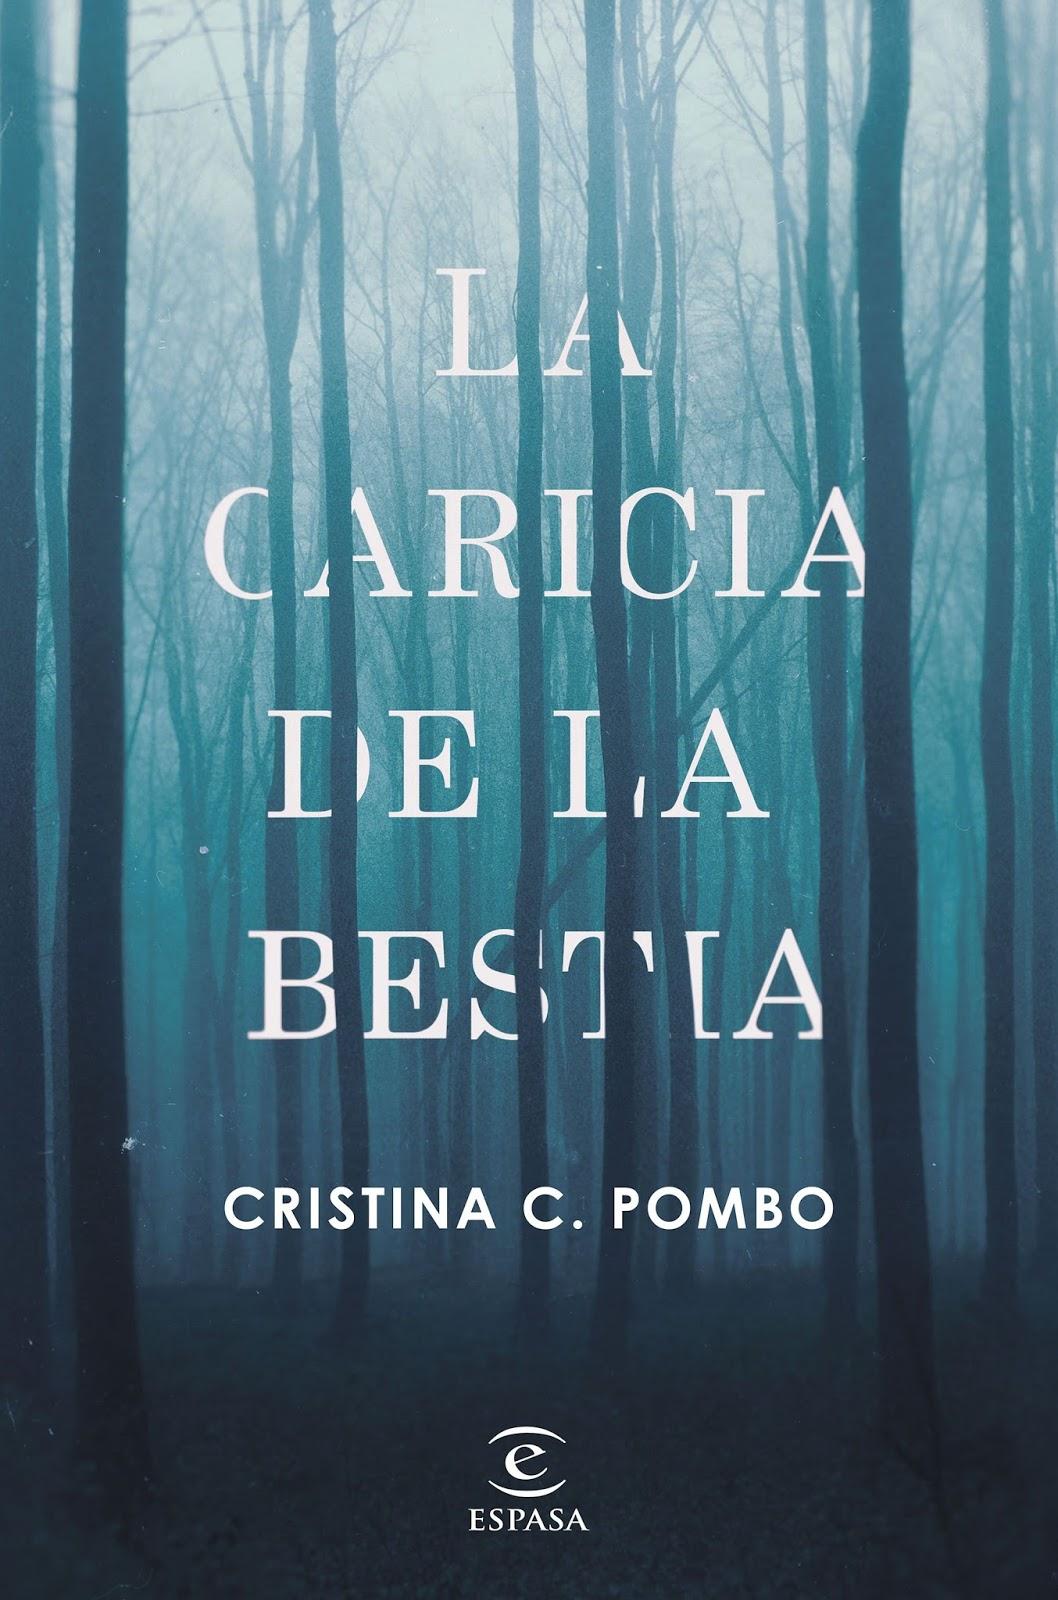 Posturitas caricias charlar 6798